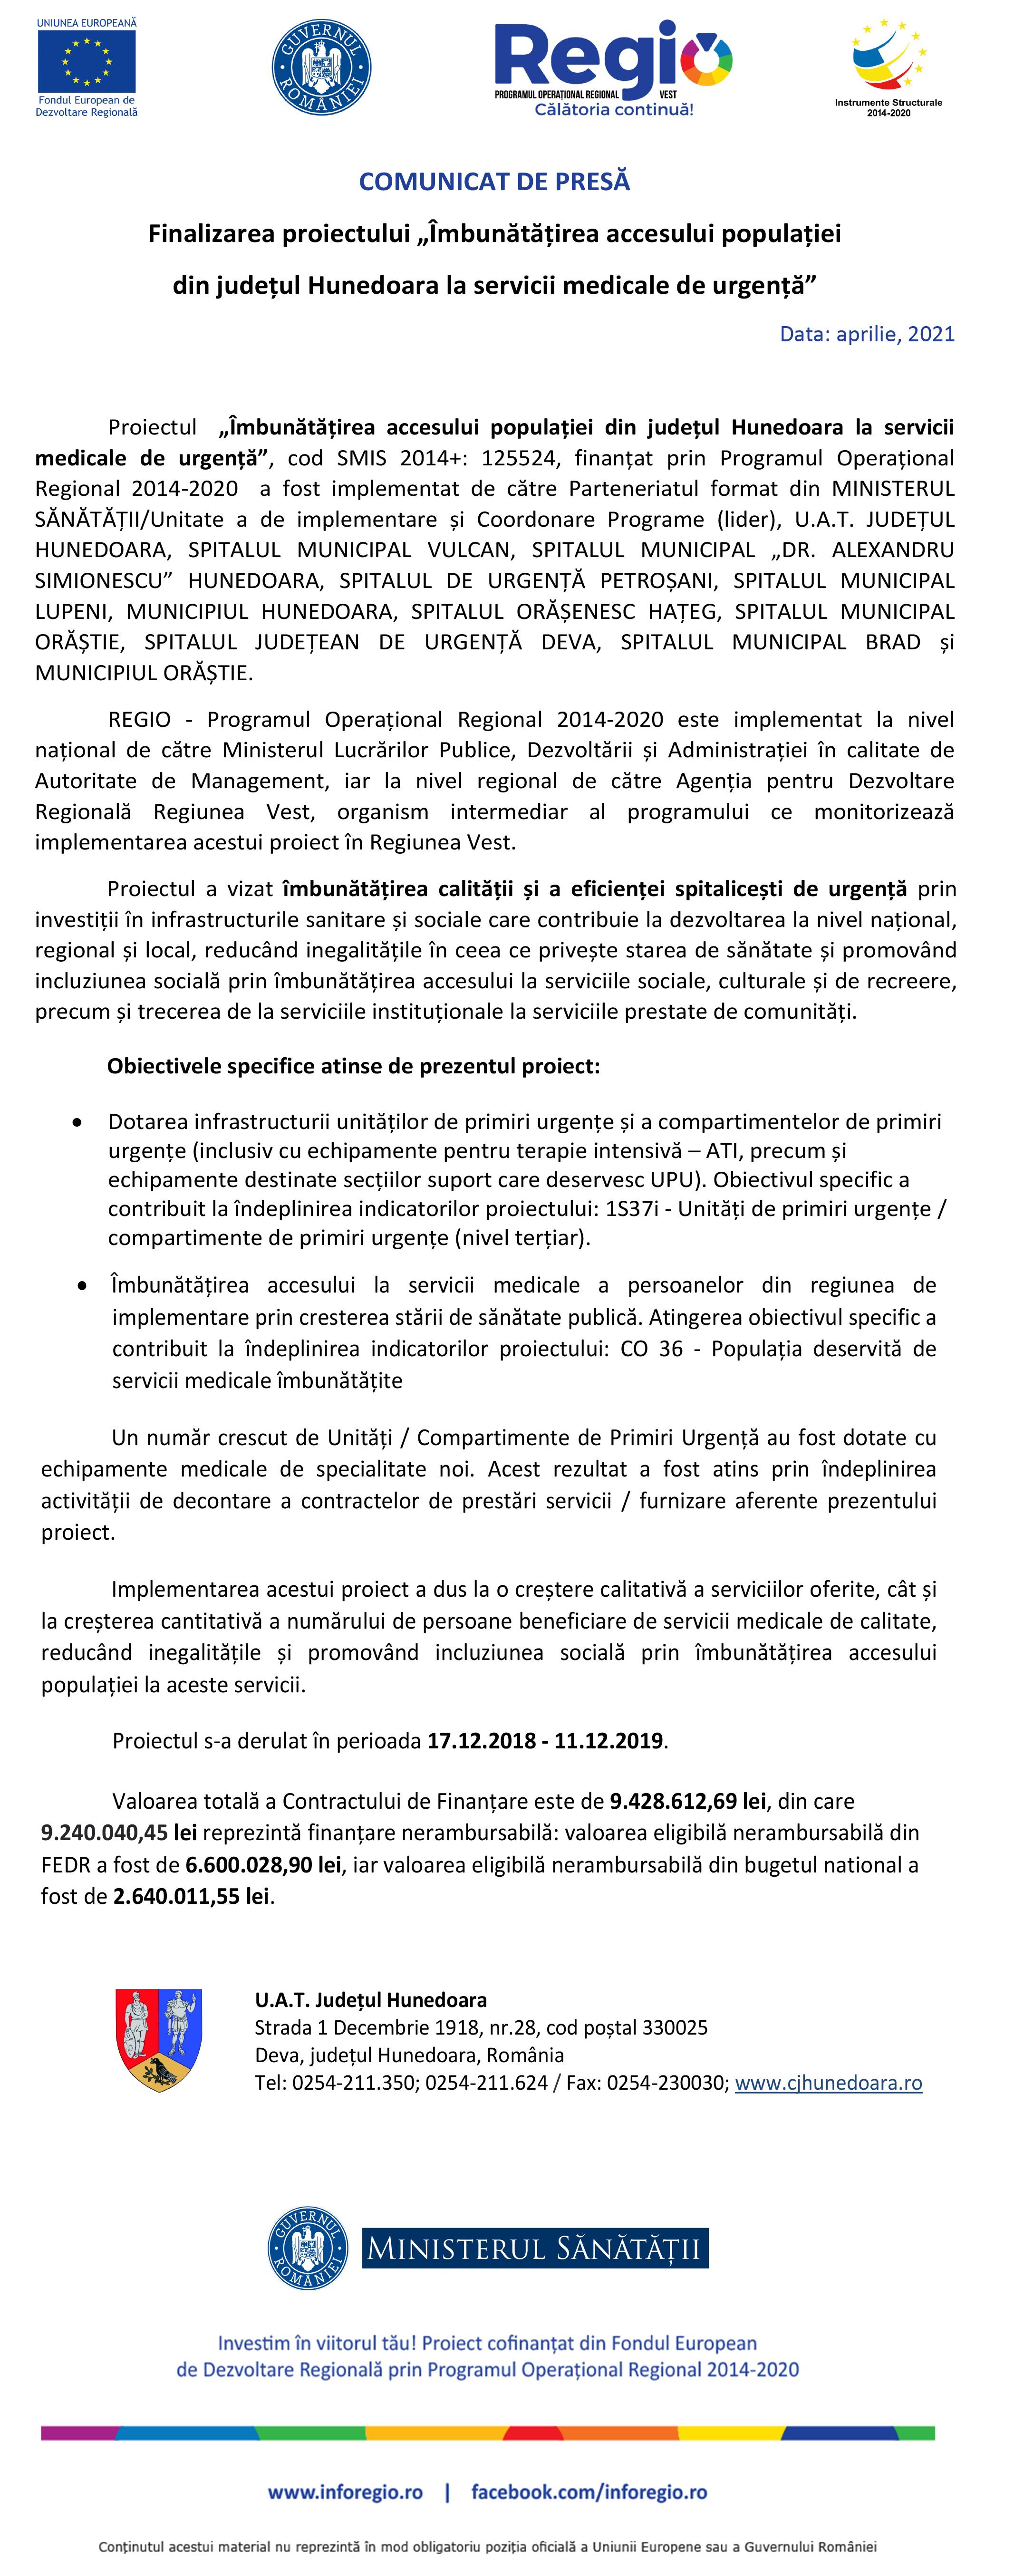 """COMUNICAT DE PRESĂ: Lansarea proiectului """"Îmbunătățirea accesului populației din județul Hunedoara la servicii medicale de urgență"""""""